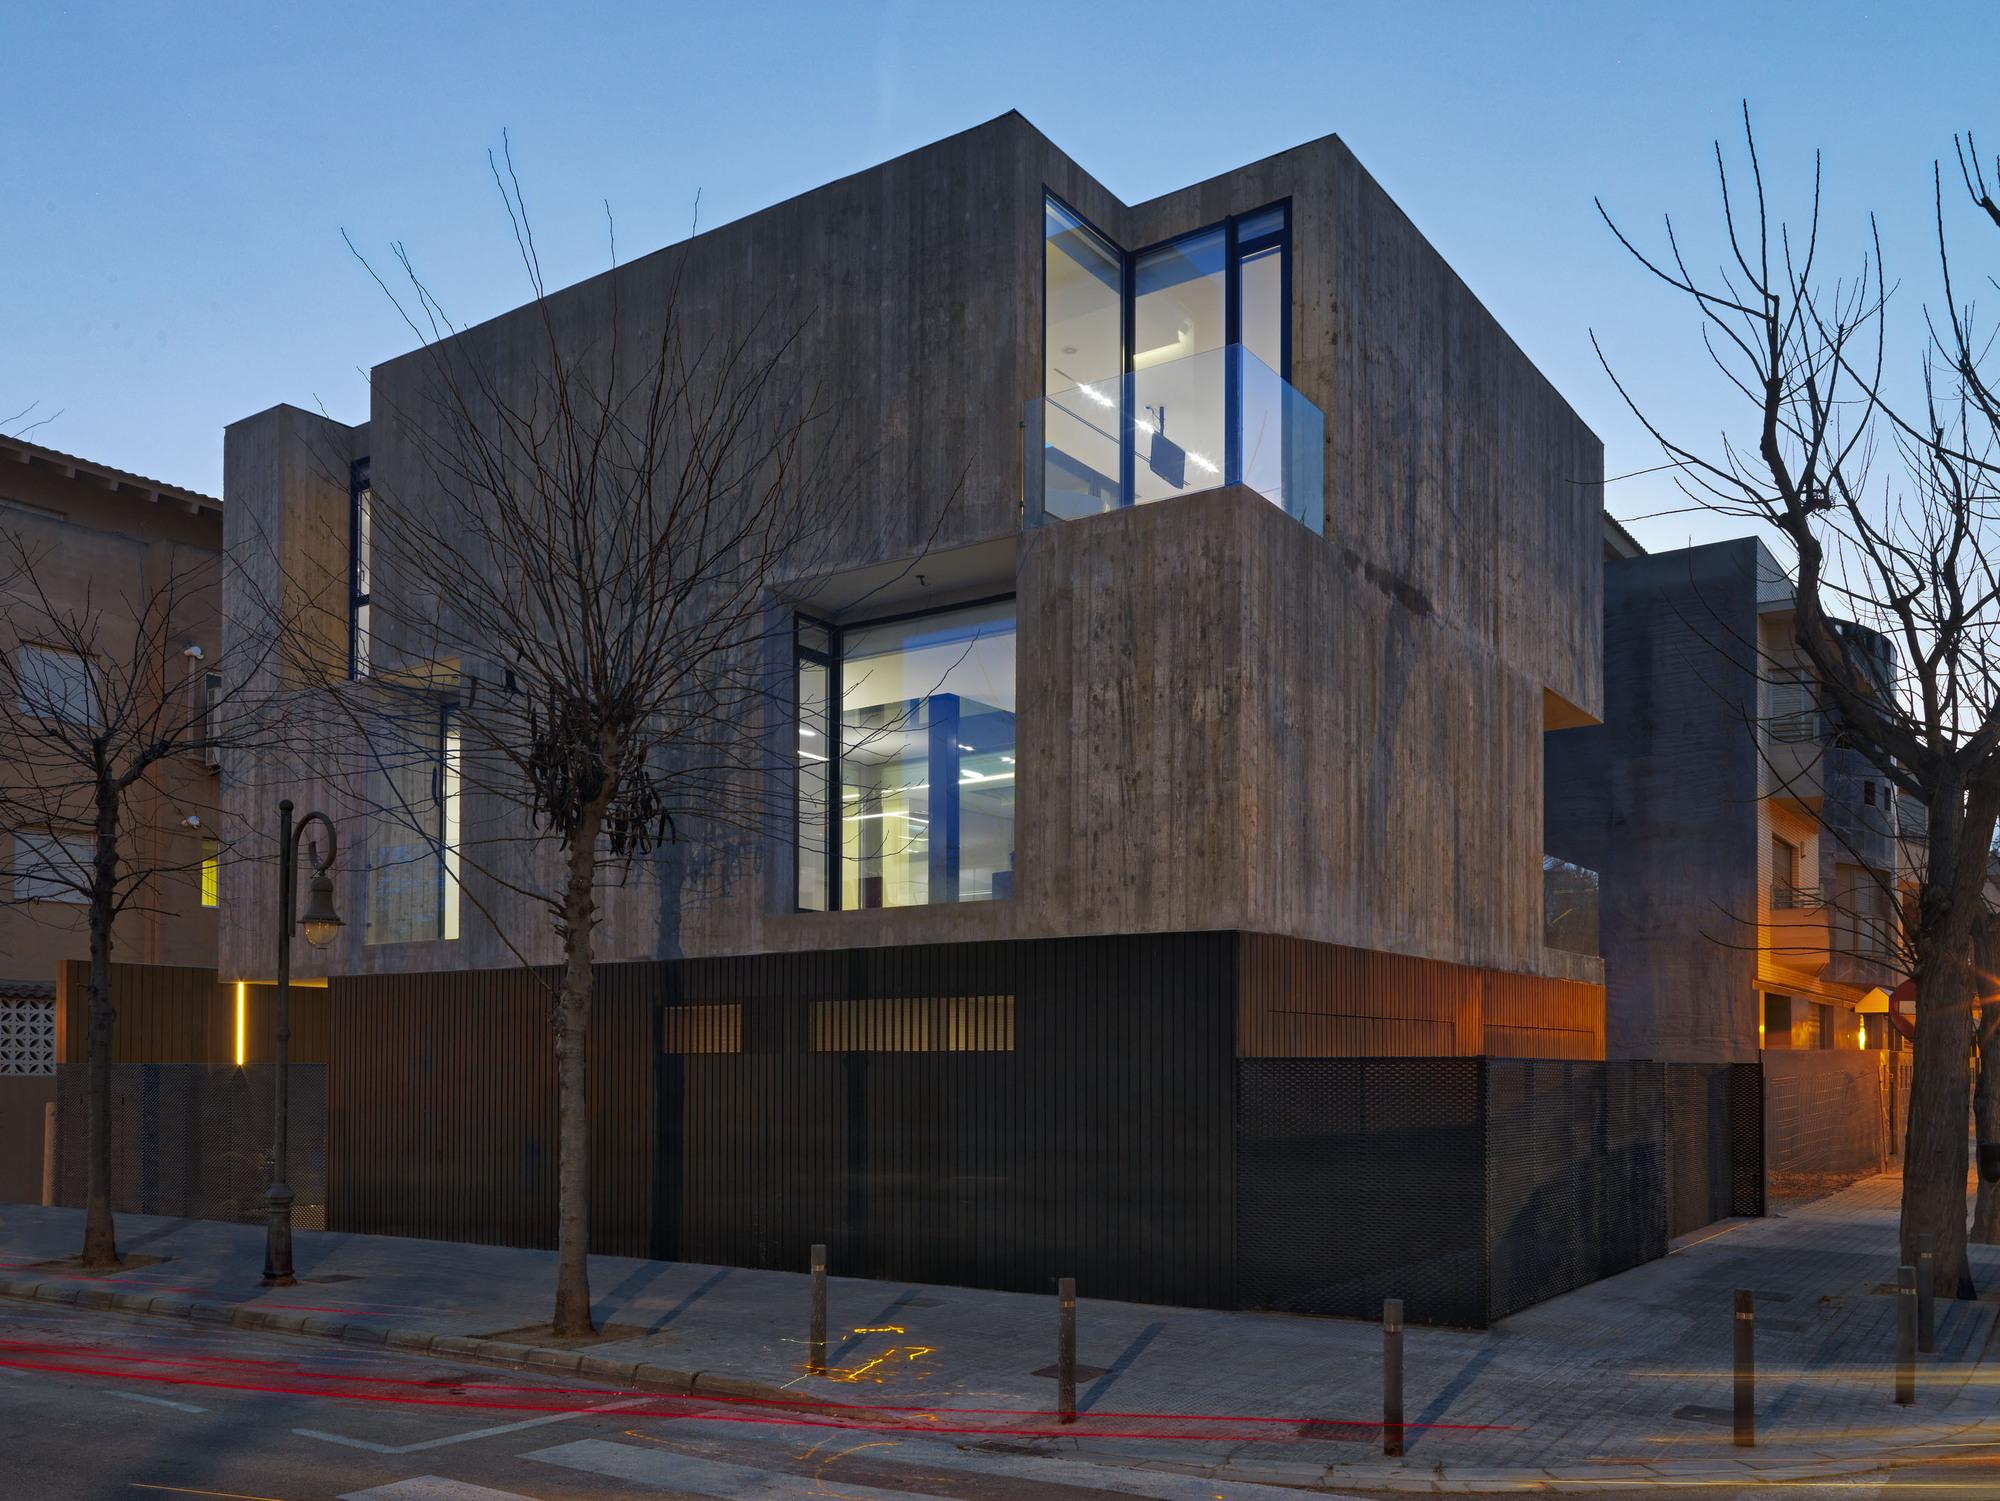 Casa concreto ruben muedra estudio de arquitectura for Casas de cemento